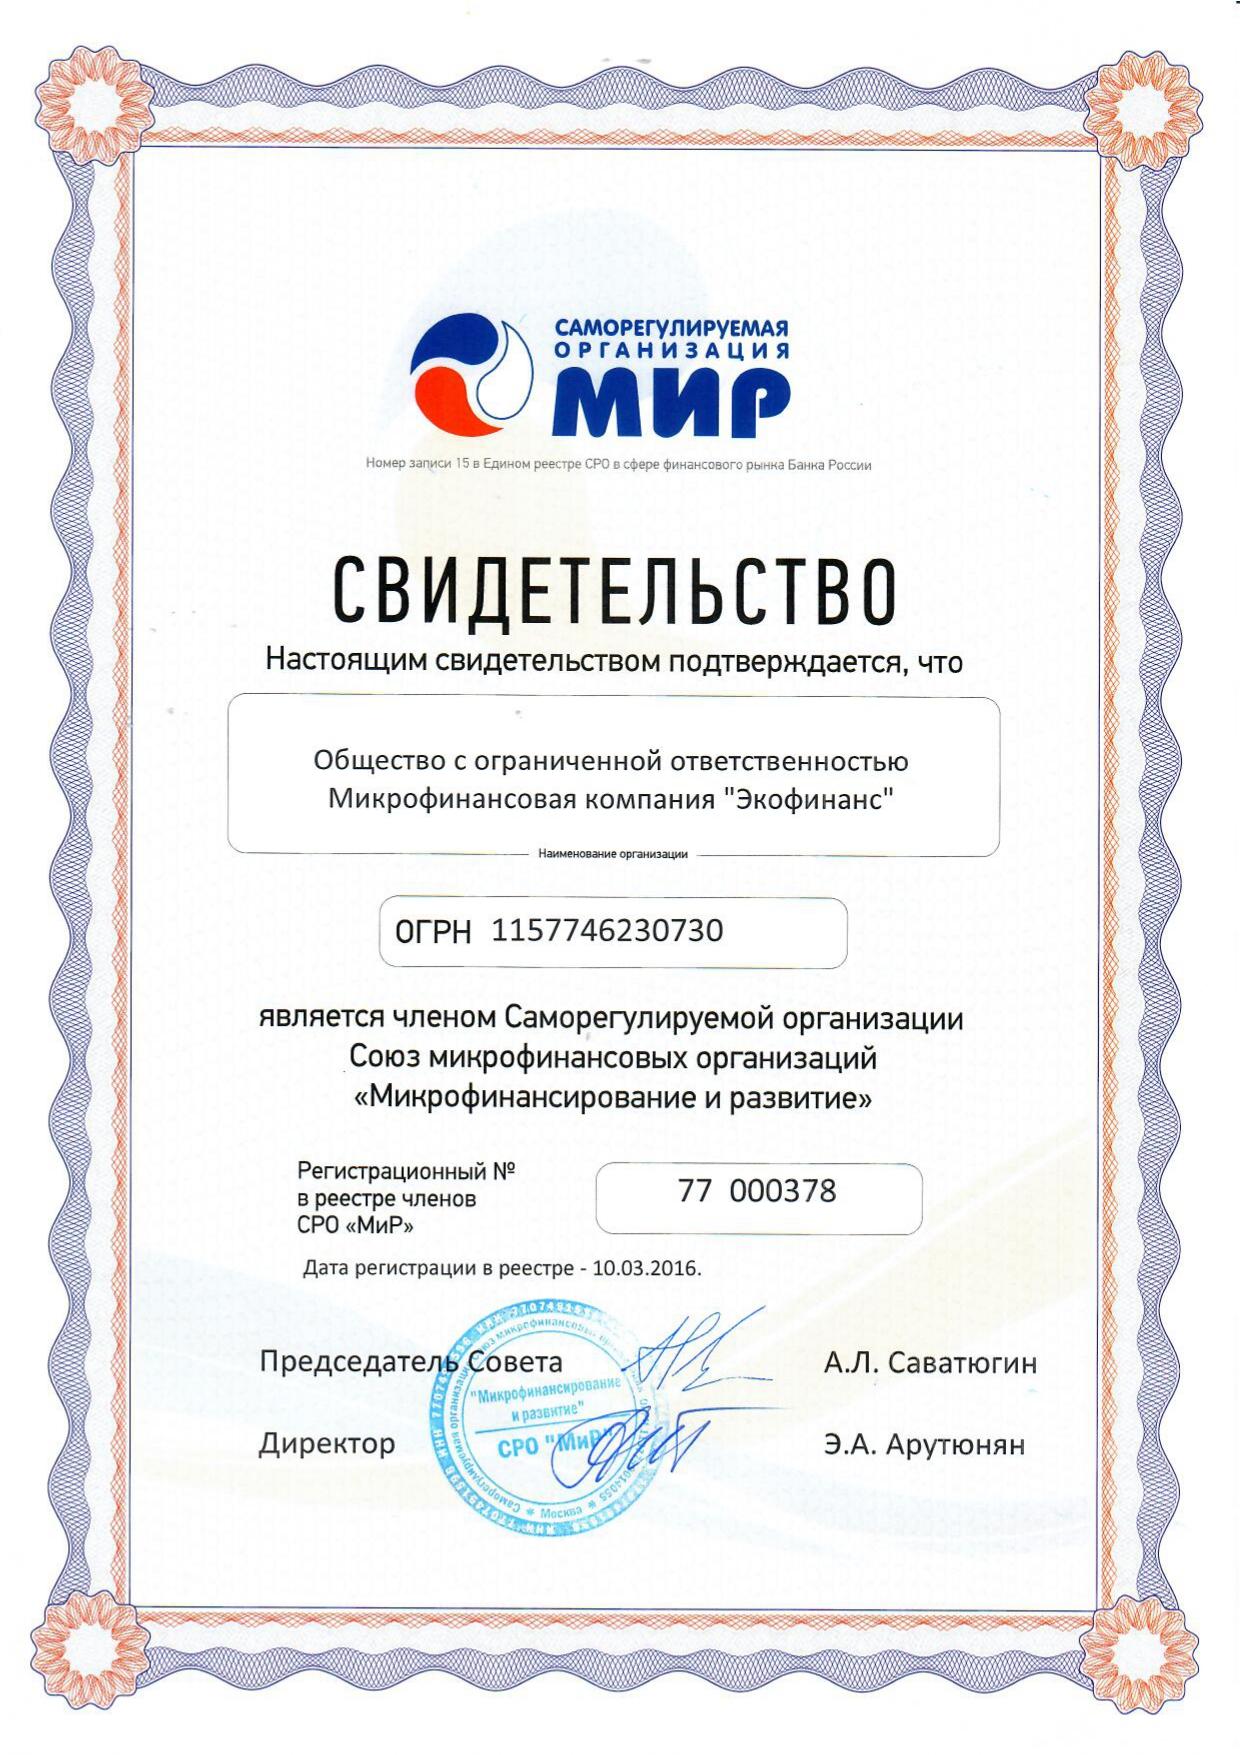 Свидетельство МИР Кредитплюс